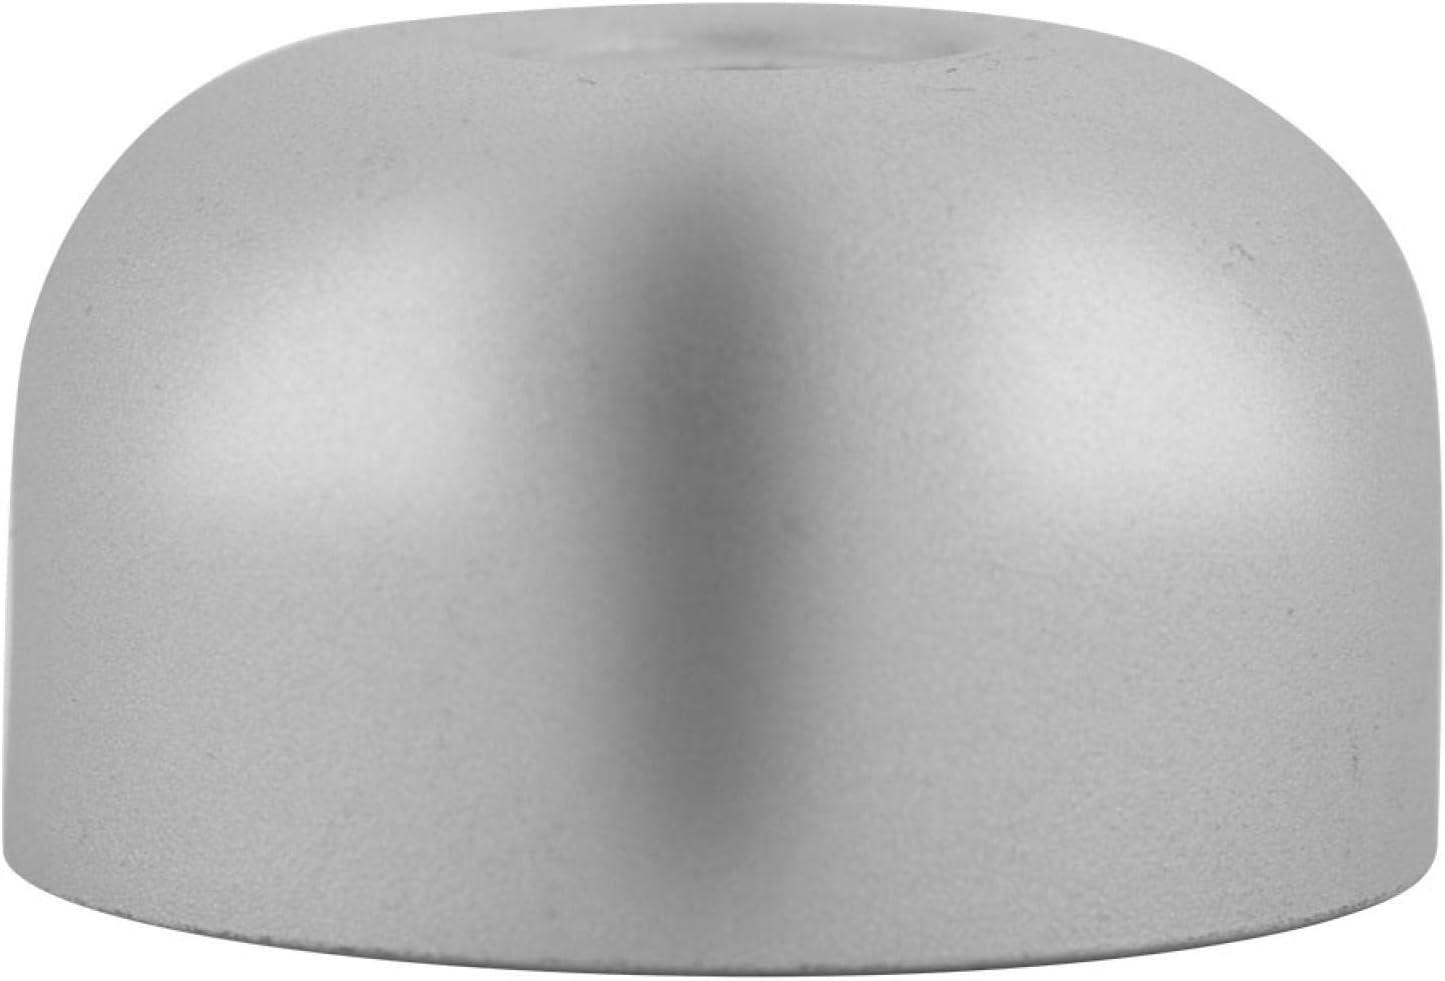 SHYEKYO Piezas de actualización de Material de aleación de Aluminio de Calidad de Campana de Scooter eléctrico para Xiaomi Mijia Bell